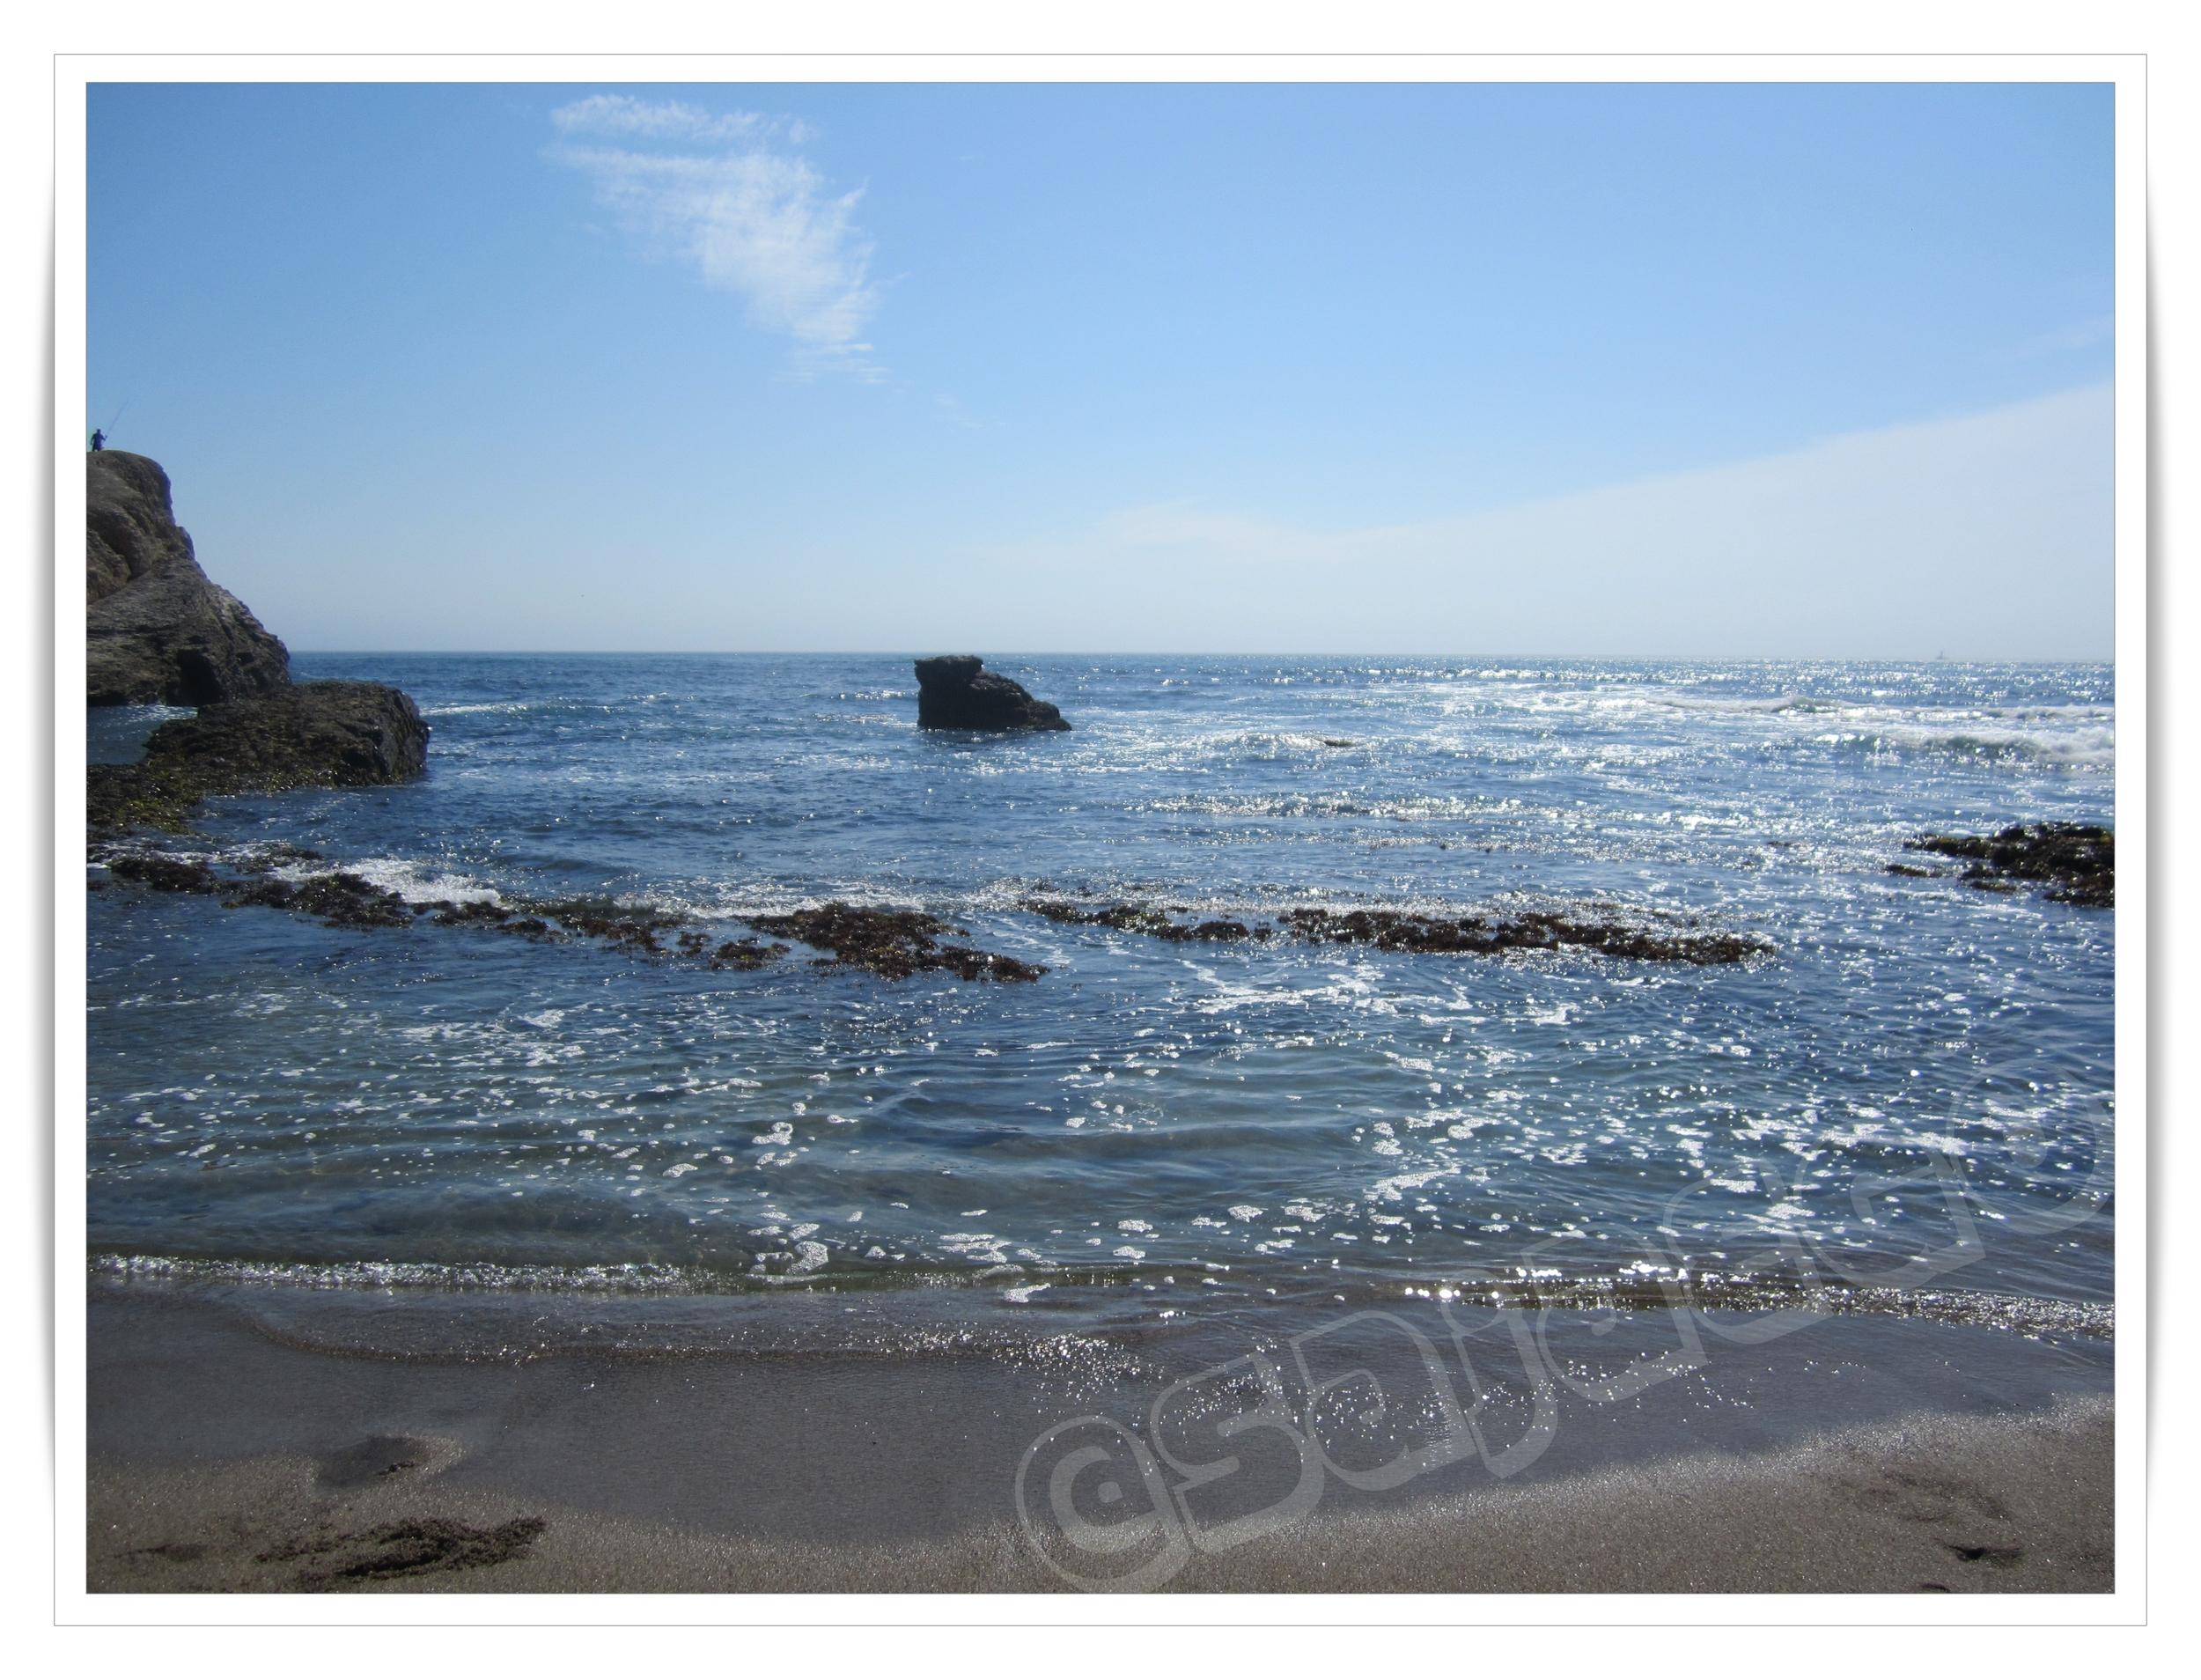 Beachlife - SajaEgo.com